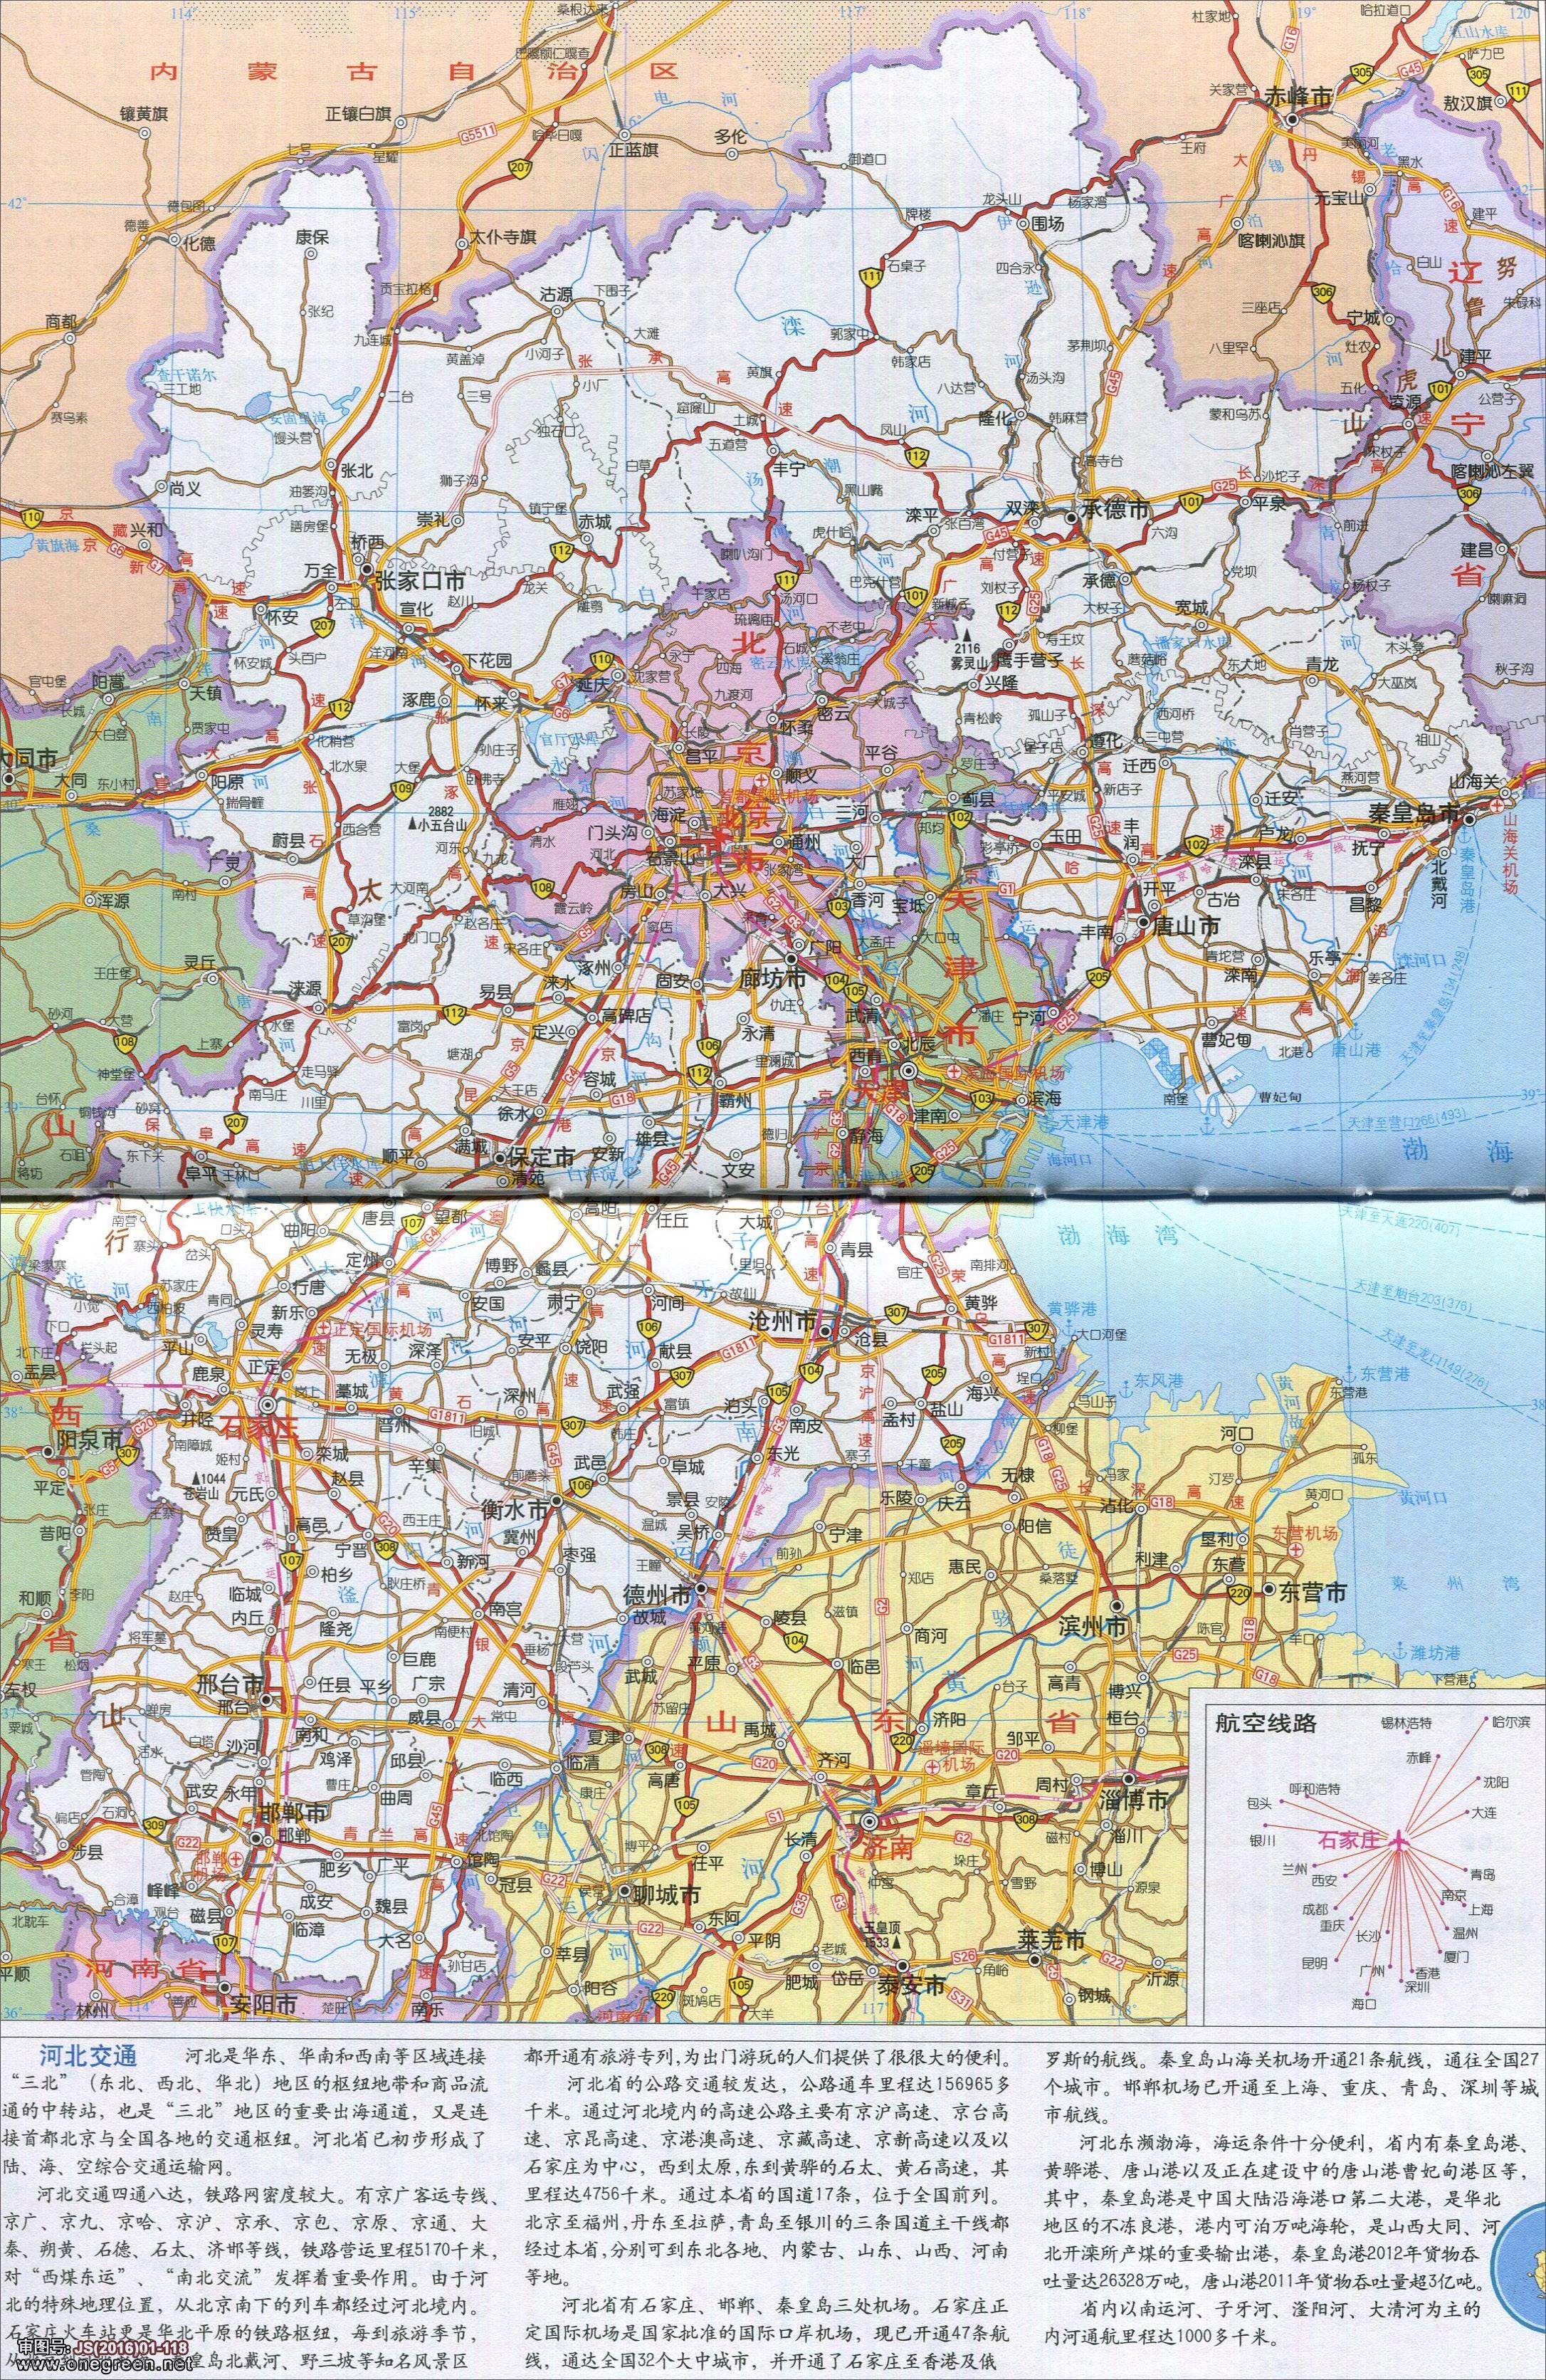 内蒙古地图全图大图_河北地图全图高清版_地图窝